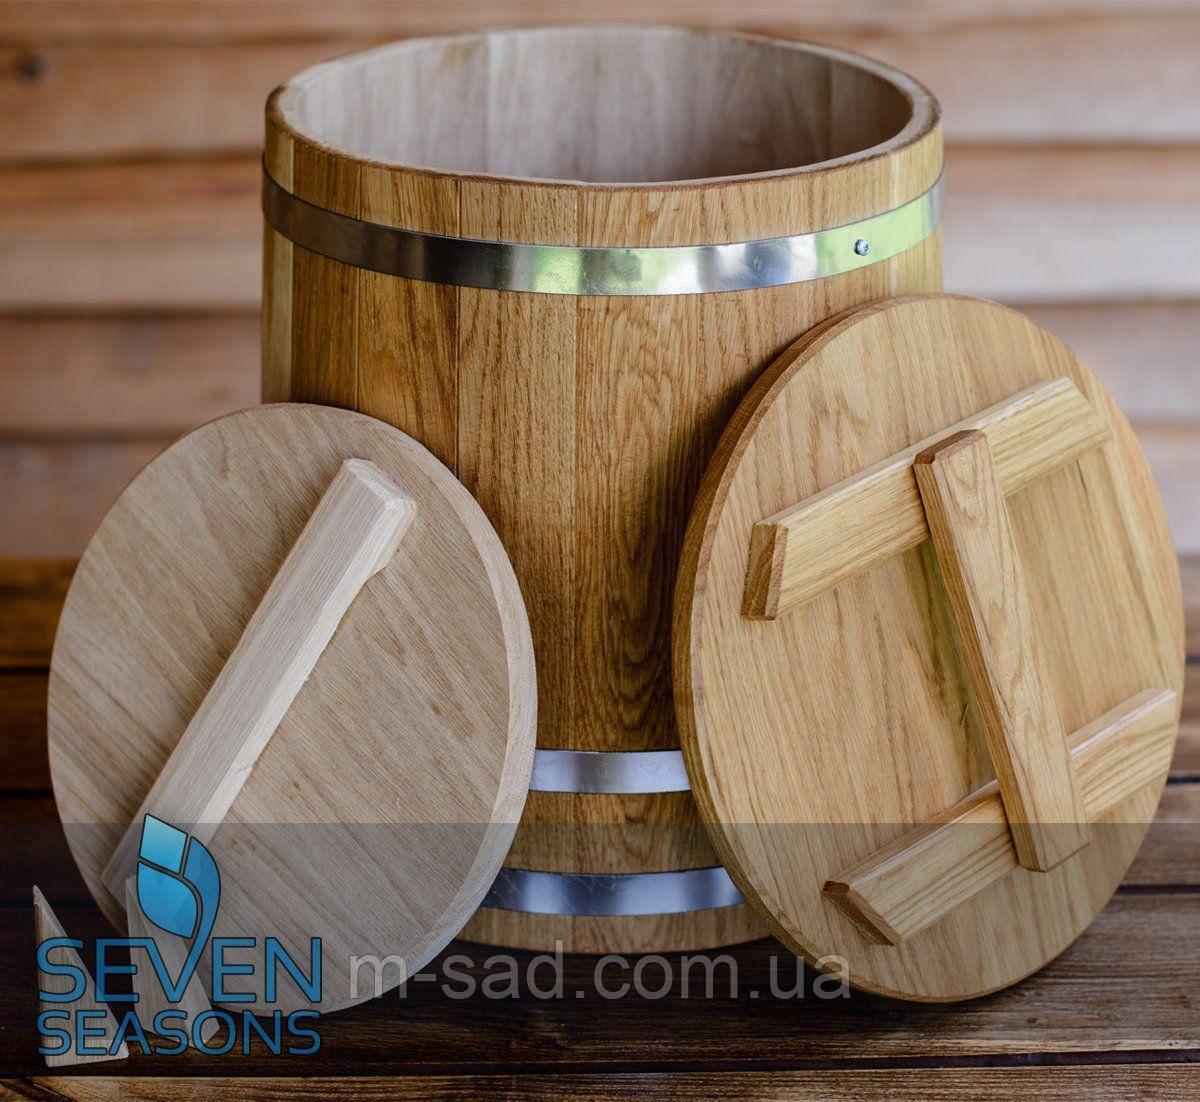 Кадка дубовая конусная для соления Seven Seasons™, 60 литров